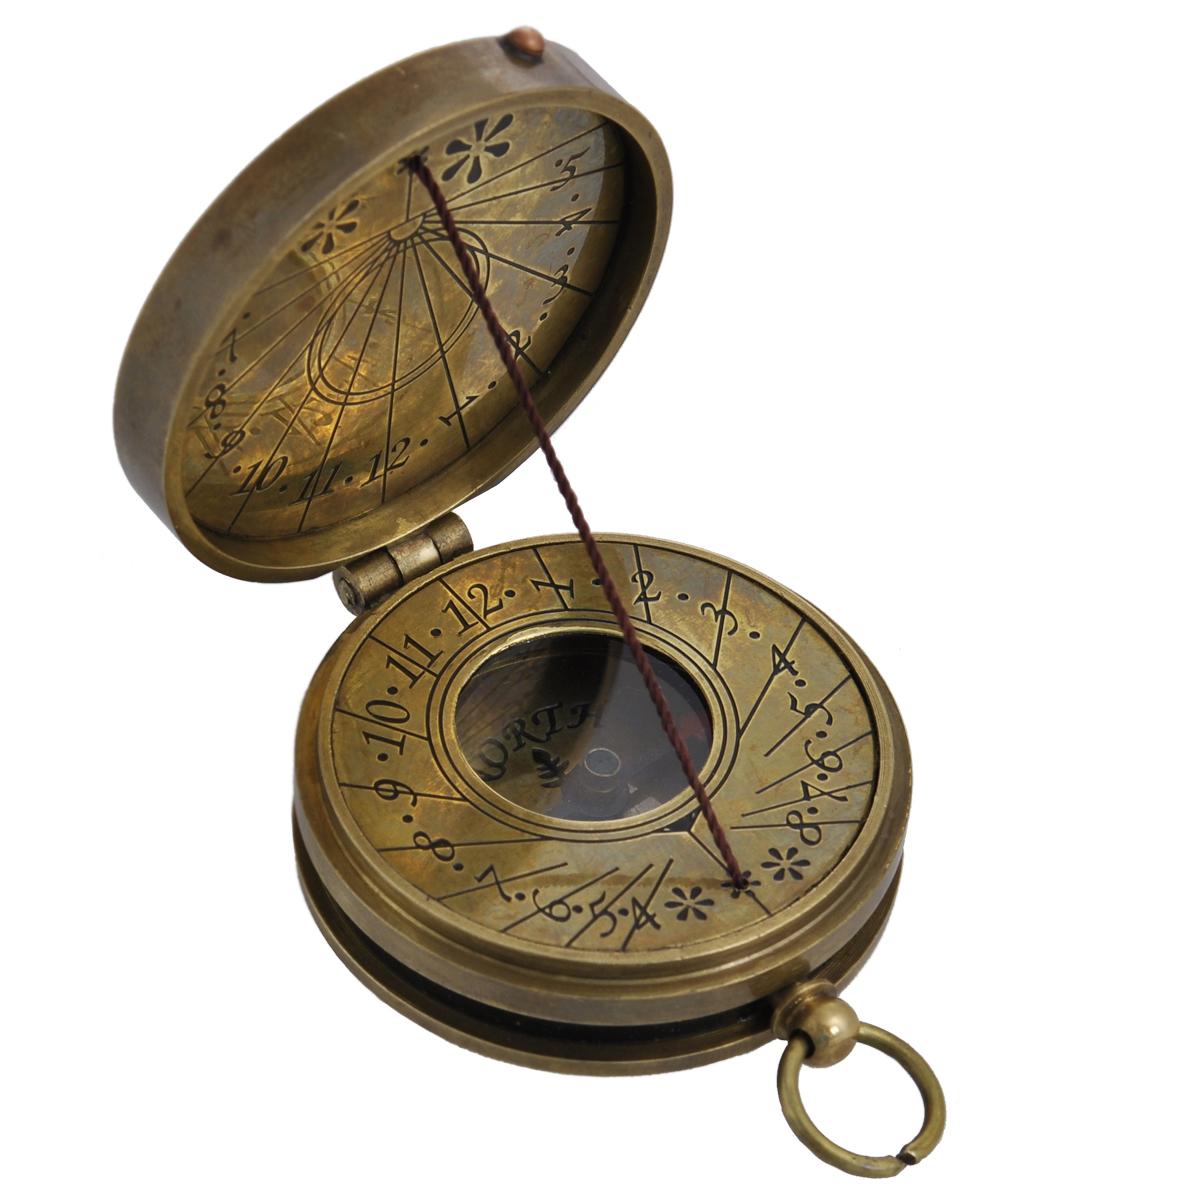 Сувенир настольный Солнечные часы и компас. 3581135811Настольный сувенир, выполнен в виде старинных солнечных часов с внутренним магнитным компасом. Корпус выполнен из латуни и украшен надписью «Coronation Of Elezabeth Ii June - 1953» на крышке. Циферблат компаса имеет обозначение севера: North. Циферблат солнечных часов оформлен арабскими цифрами, также арабскими цифрами оформлена внутренняя сторона крышки. Такой сувенир станет прекрасным подарком человеку, любящему красивые, но в тоже время практичные вещи, способные украсить интерьер офиса или дома.Характеристики: Материал: металл (латунь), стекло.Размер корпуса (ДхШхВ): 5,5 см х 4,5 см х 1,5 см.Диаметр циферблата компаса: 1,9 см.